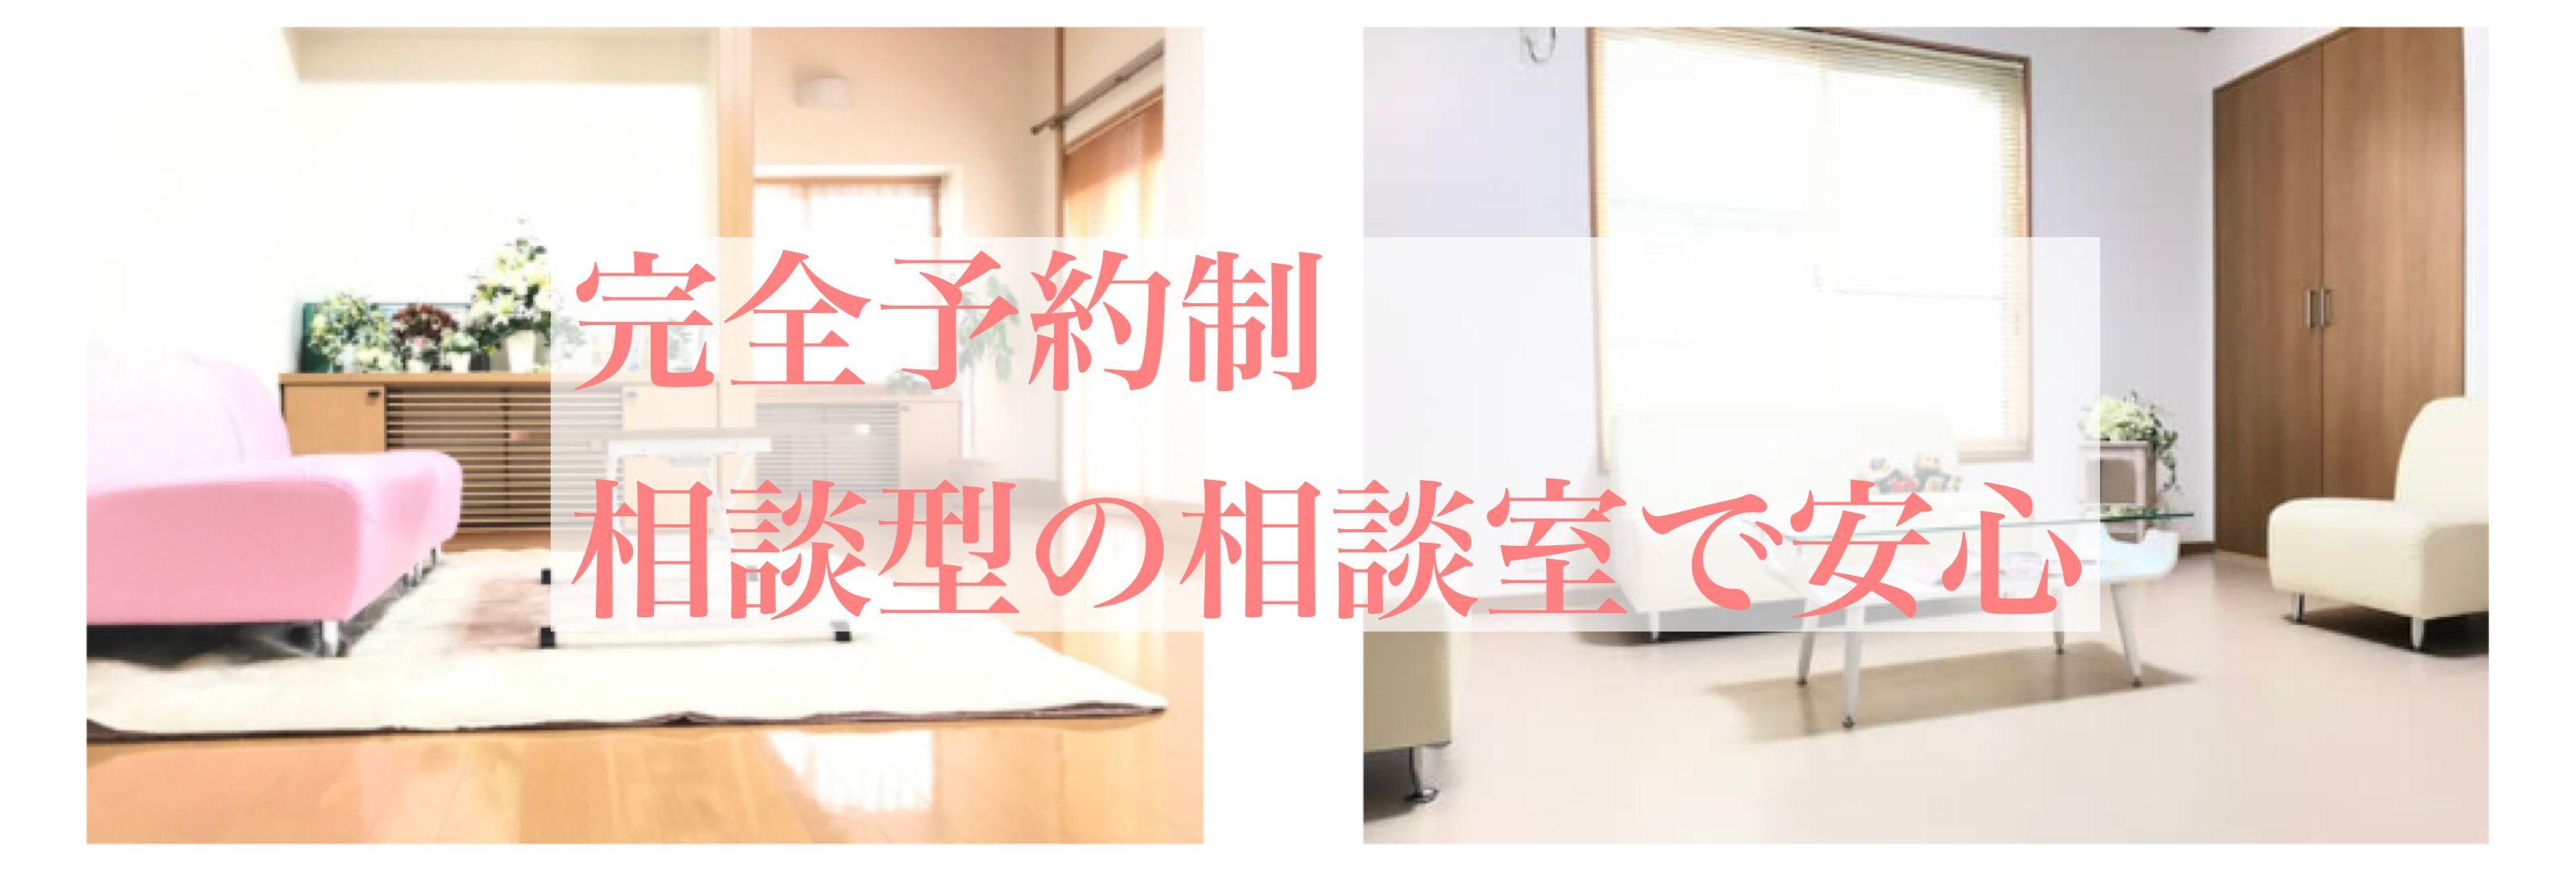 長野県松本市 婚活 結婚相談フリージア